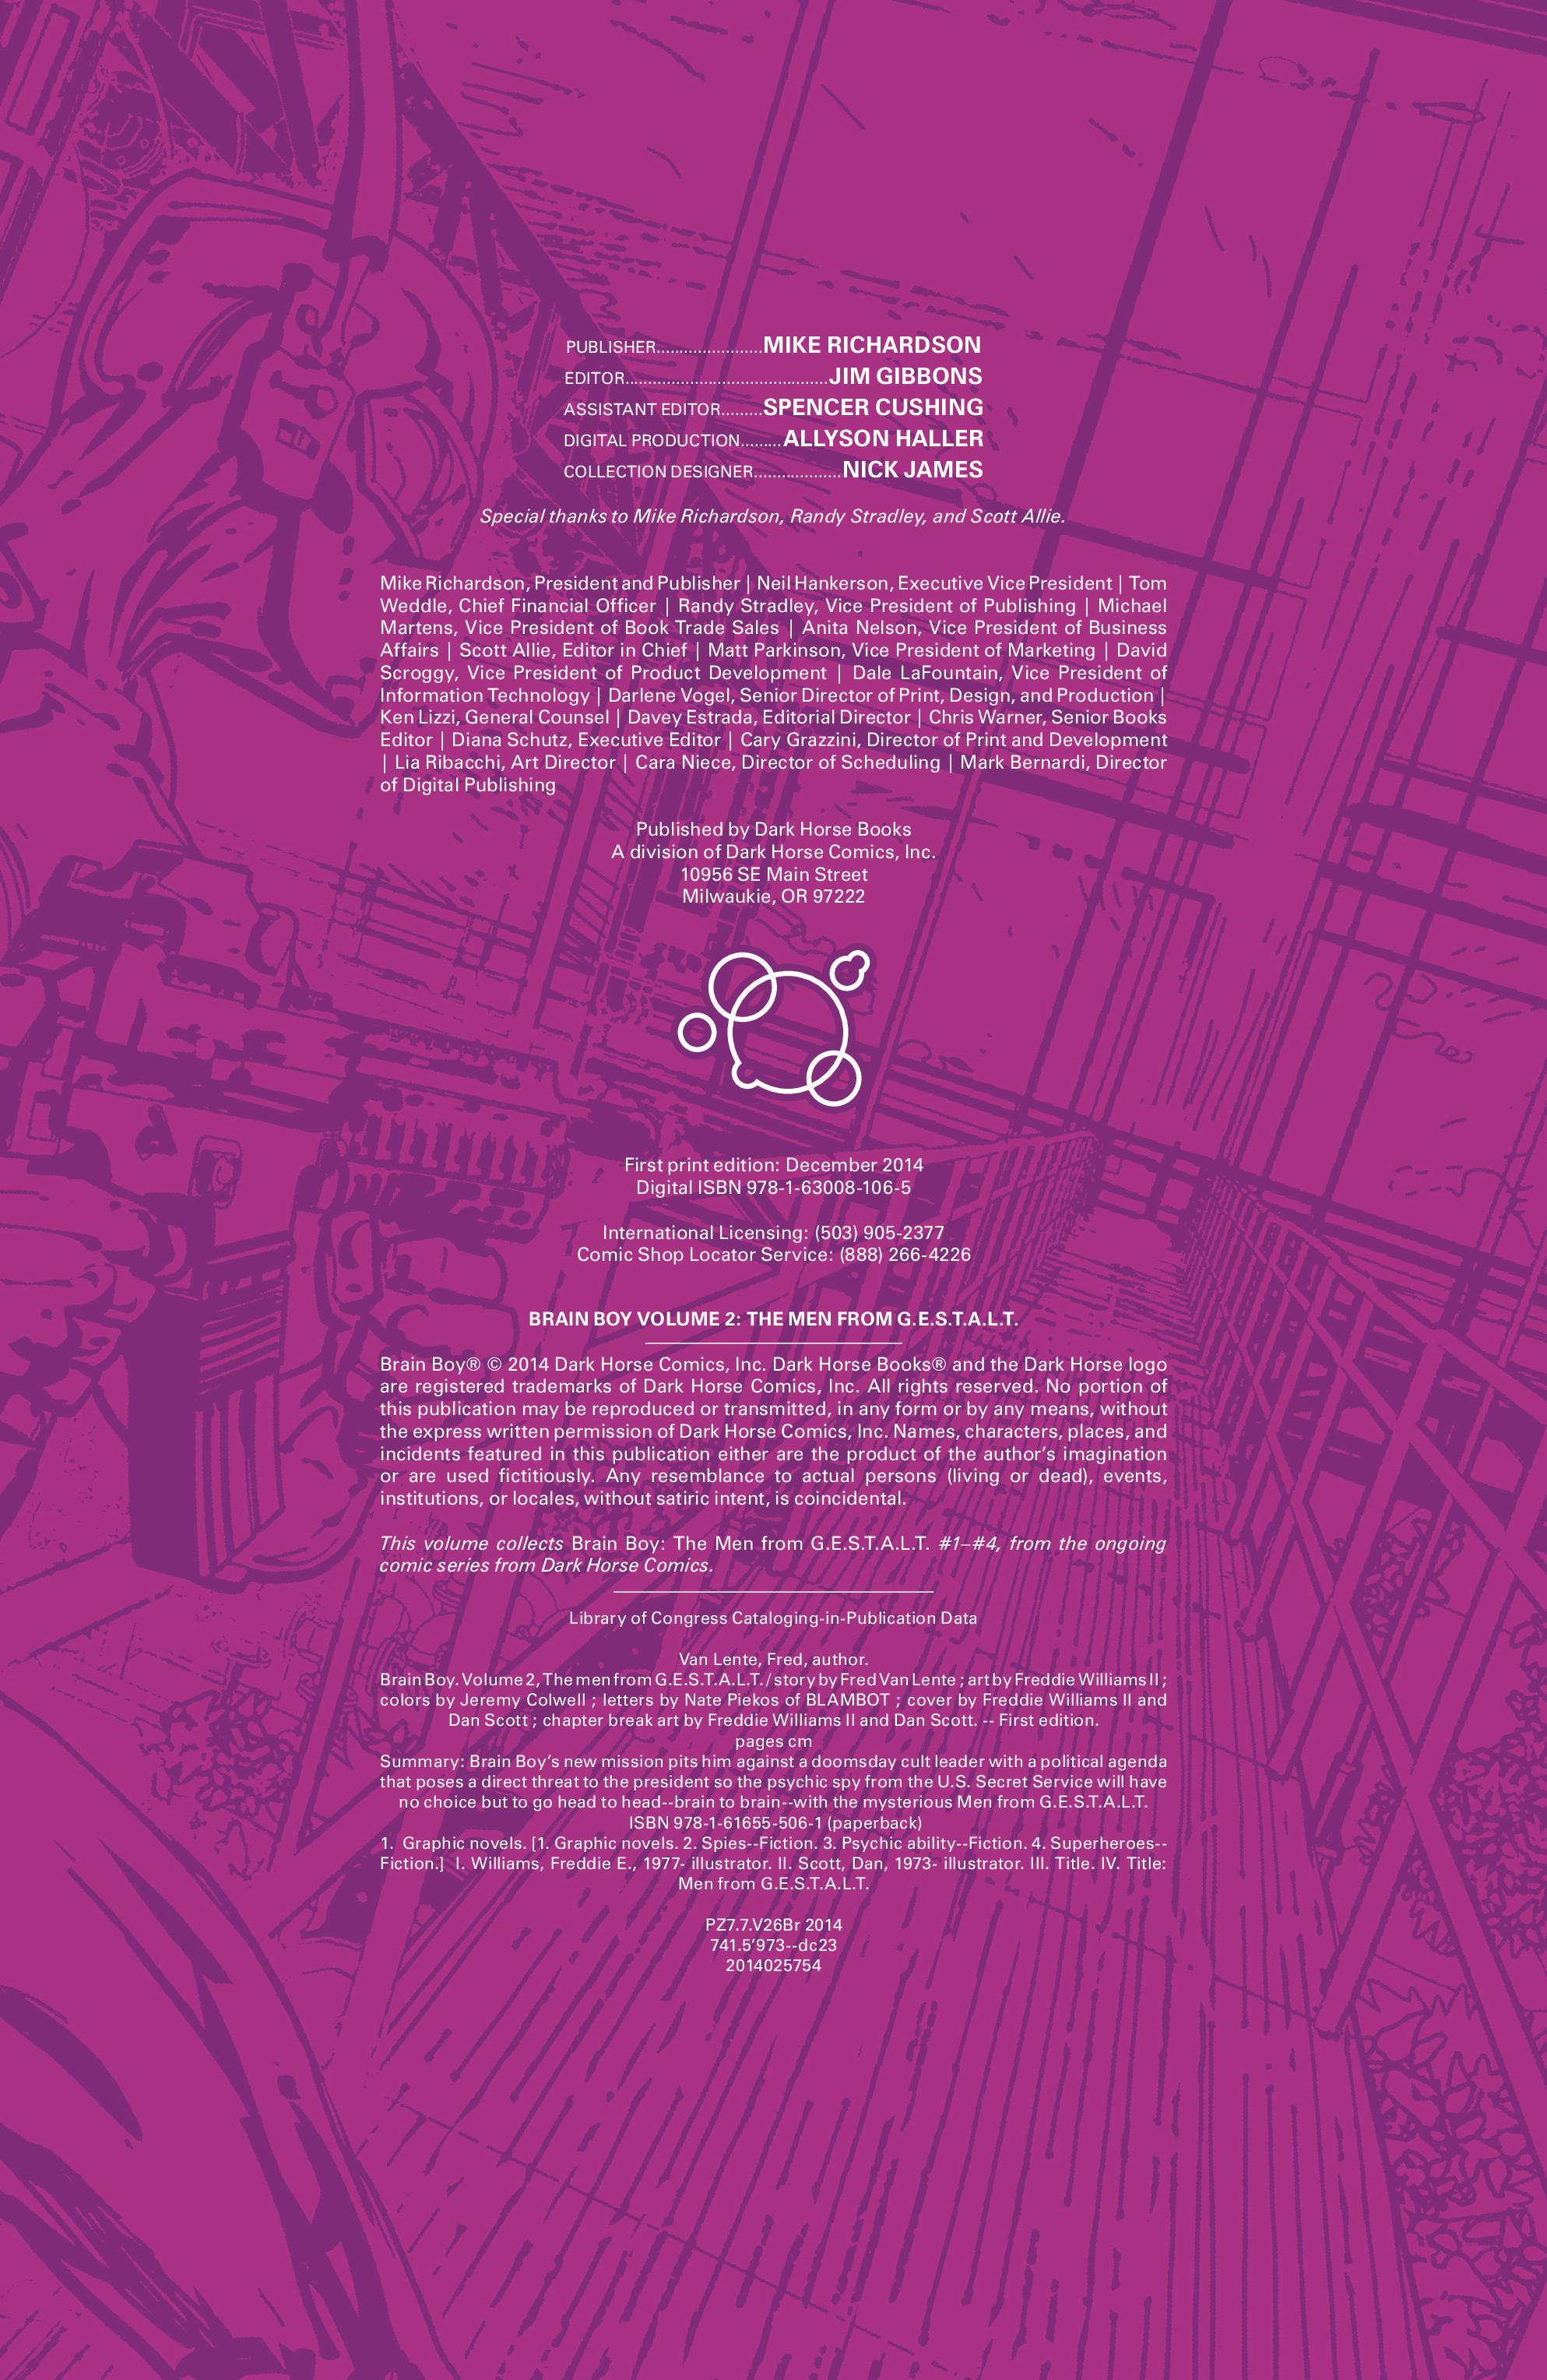 Read online Brain Boy:  The Men from G.E.S.T.A.L.T. comic -  Issue # TPB - 5